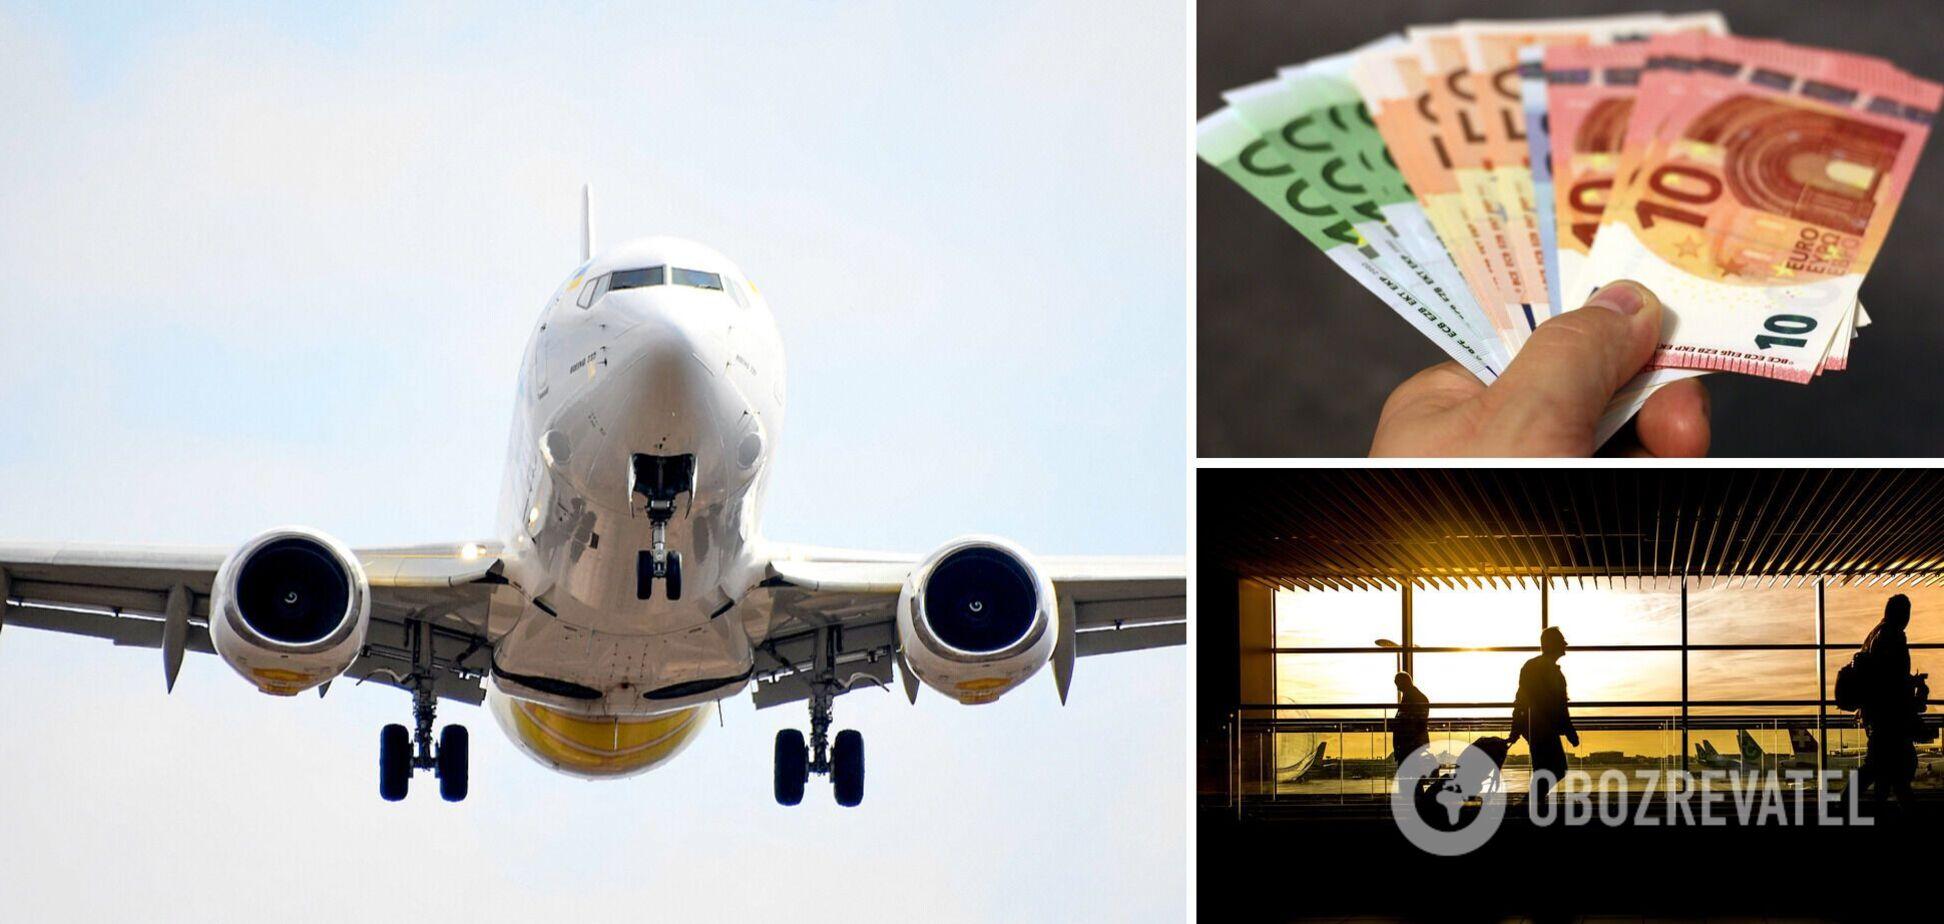 Із України відкрили нові рейси в ОАЕ, Грузію, Вірменію і Азербайджан